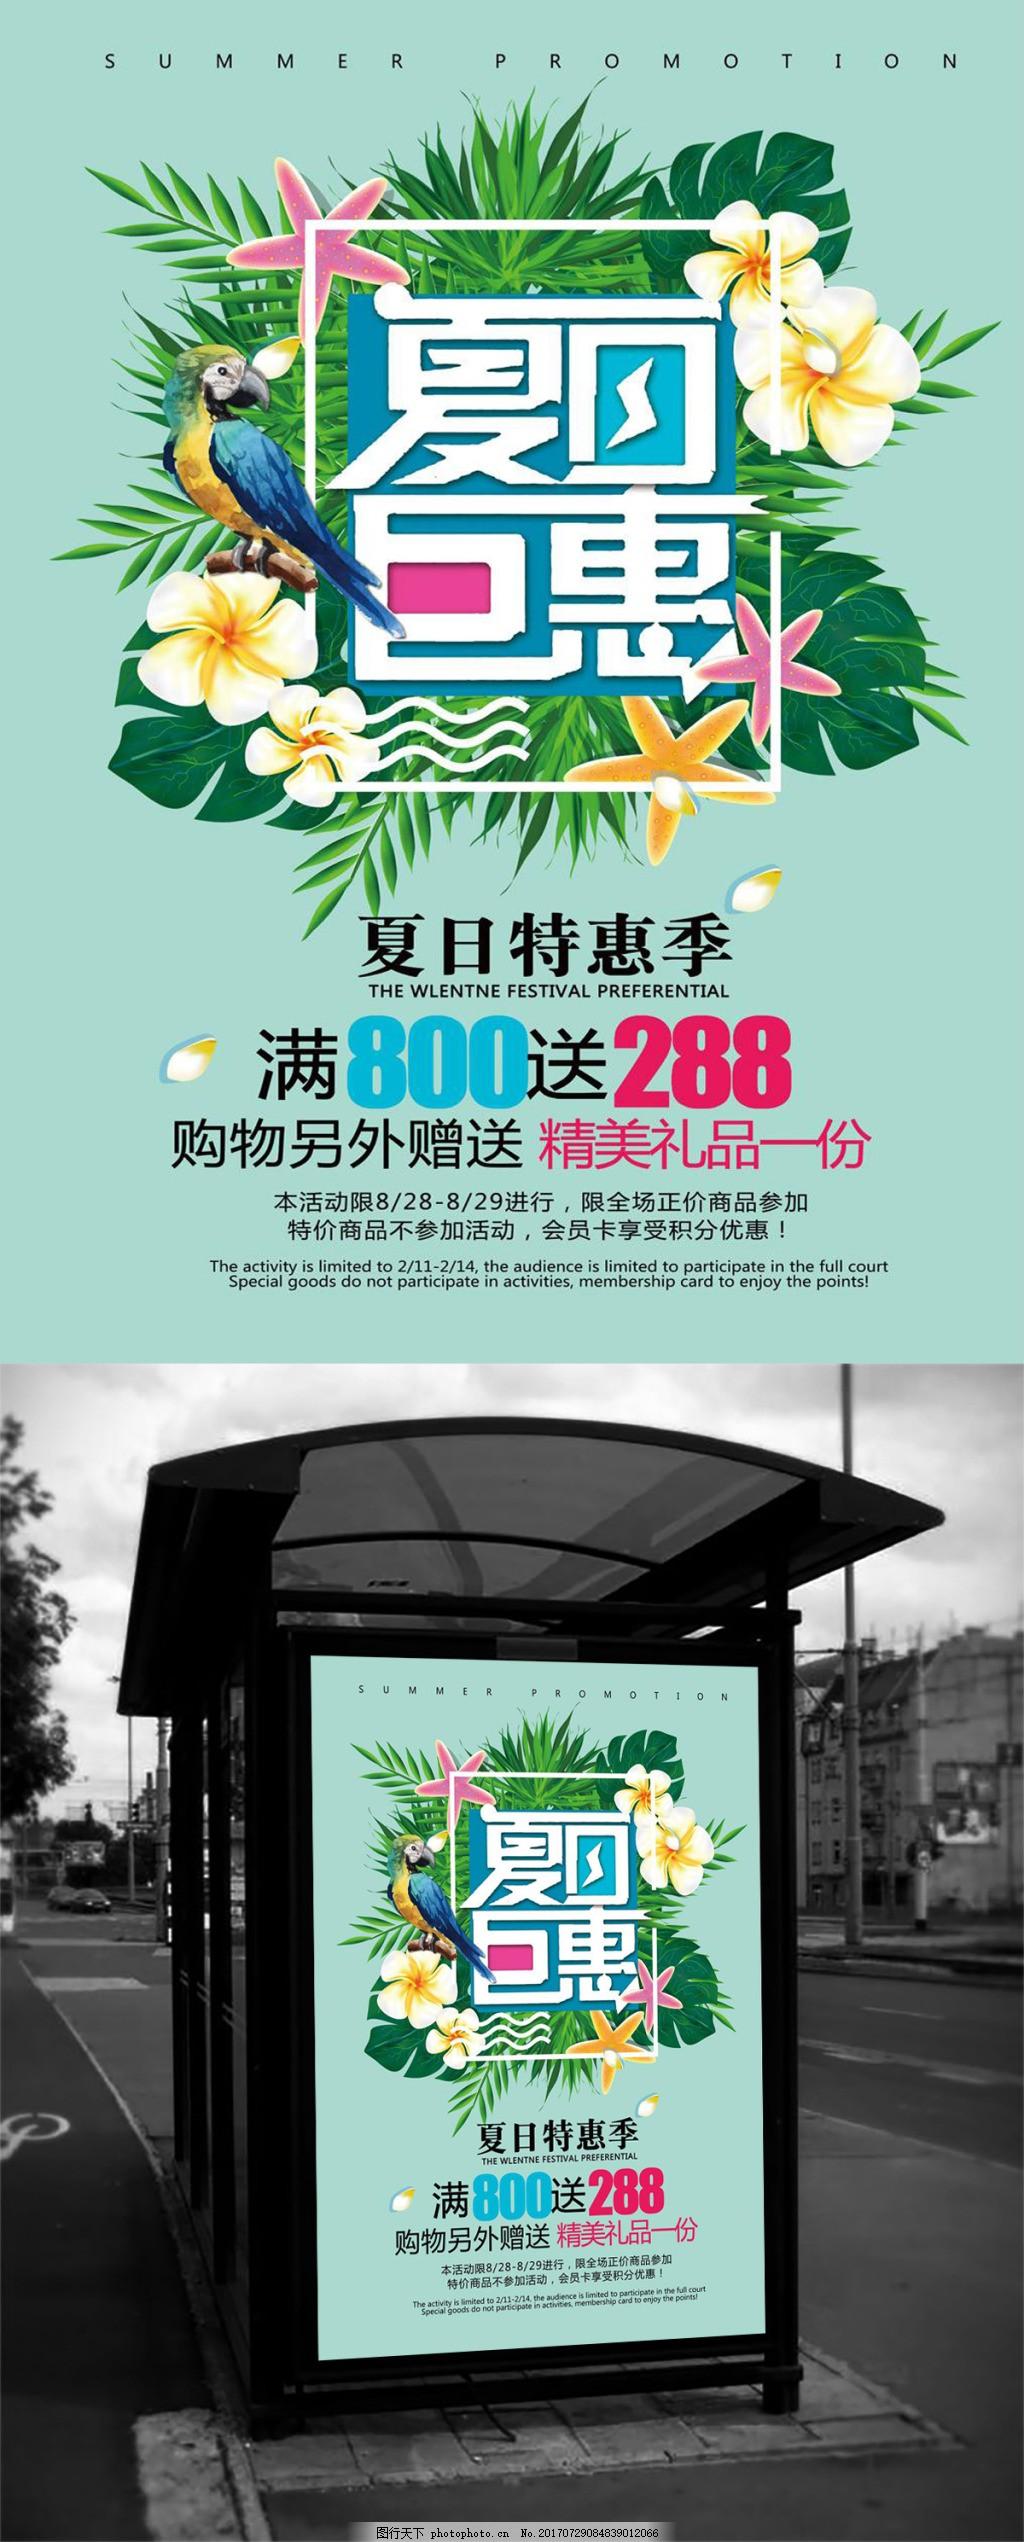 夏日促销海报夏日宣传海报 夏日海报 花素材 鸟 服装夏日促销 化妆品夏日促销